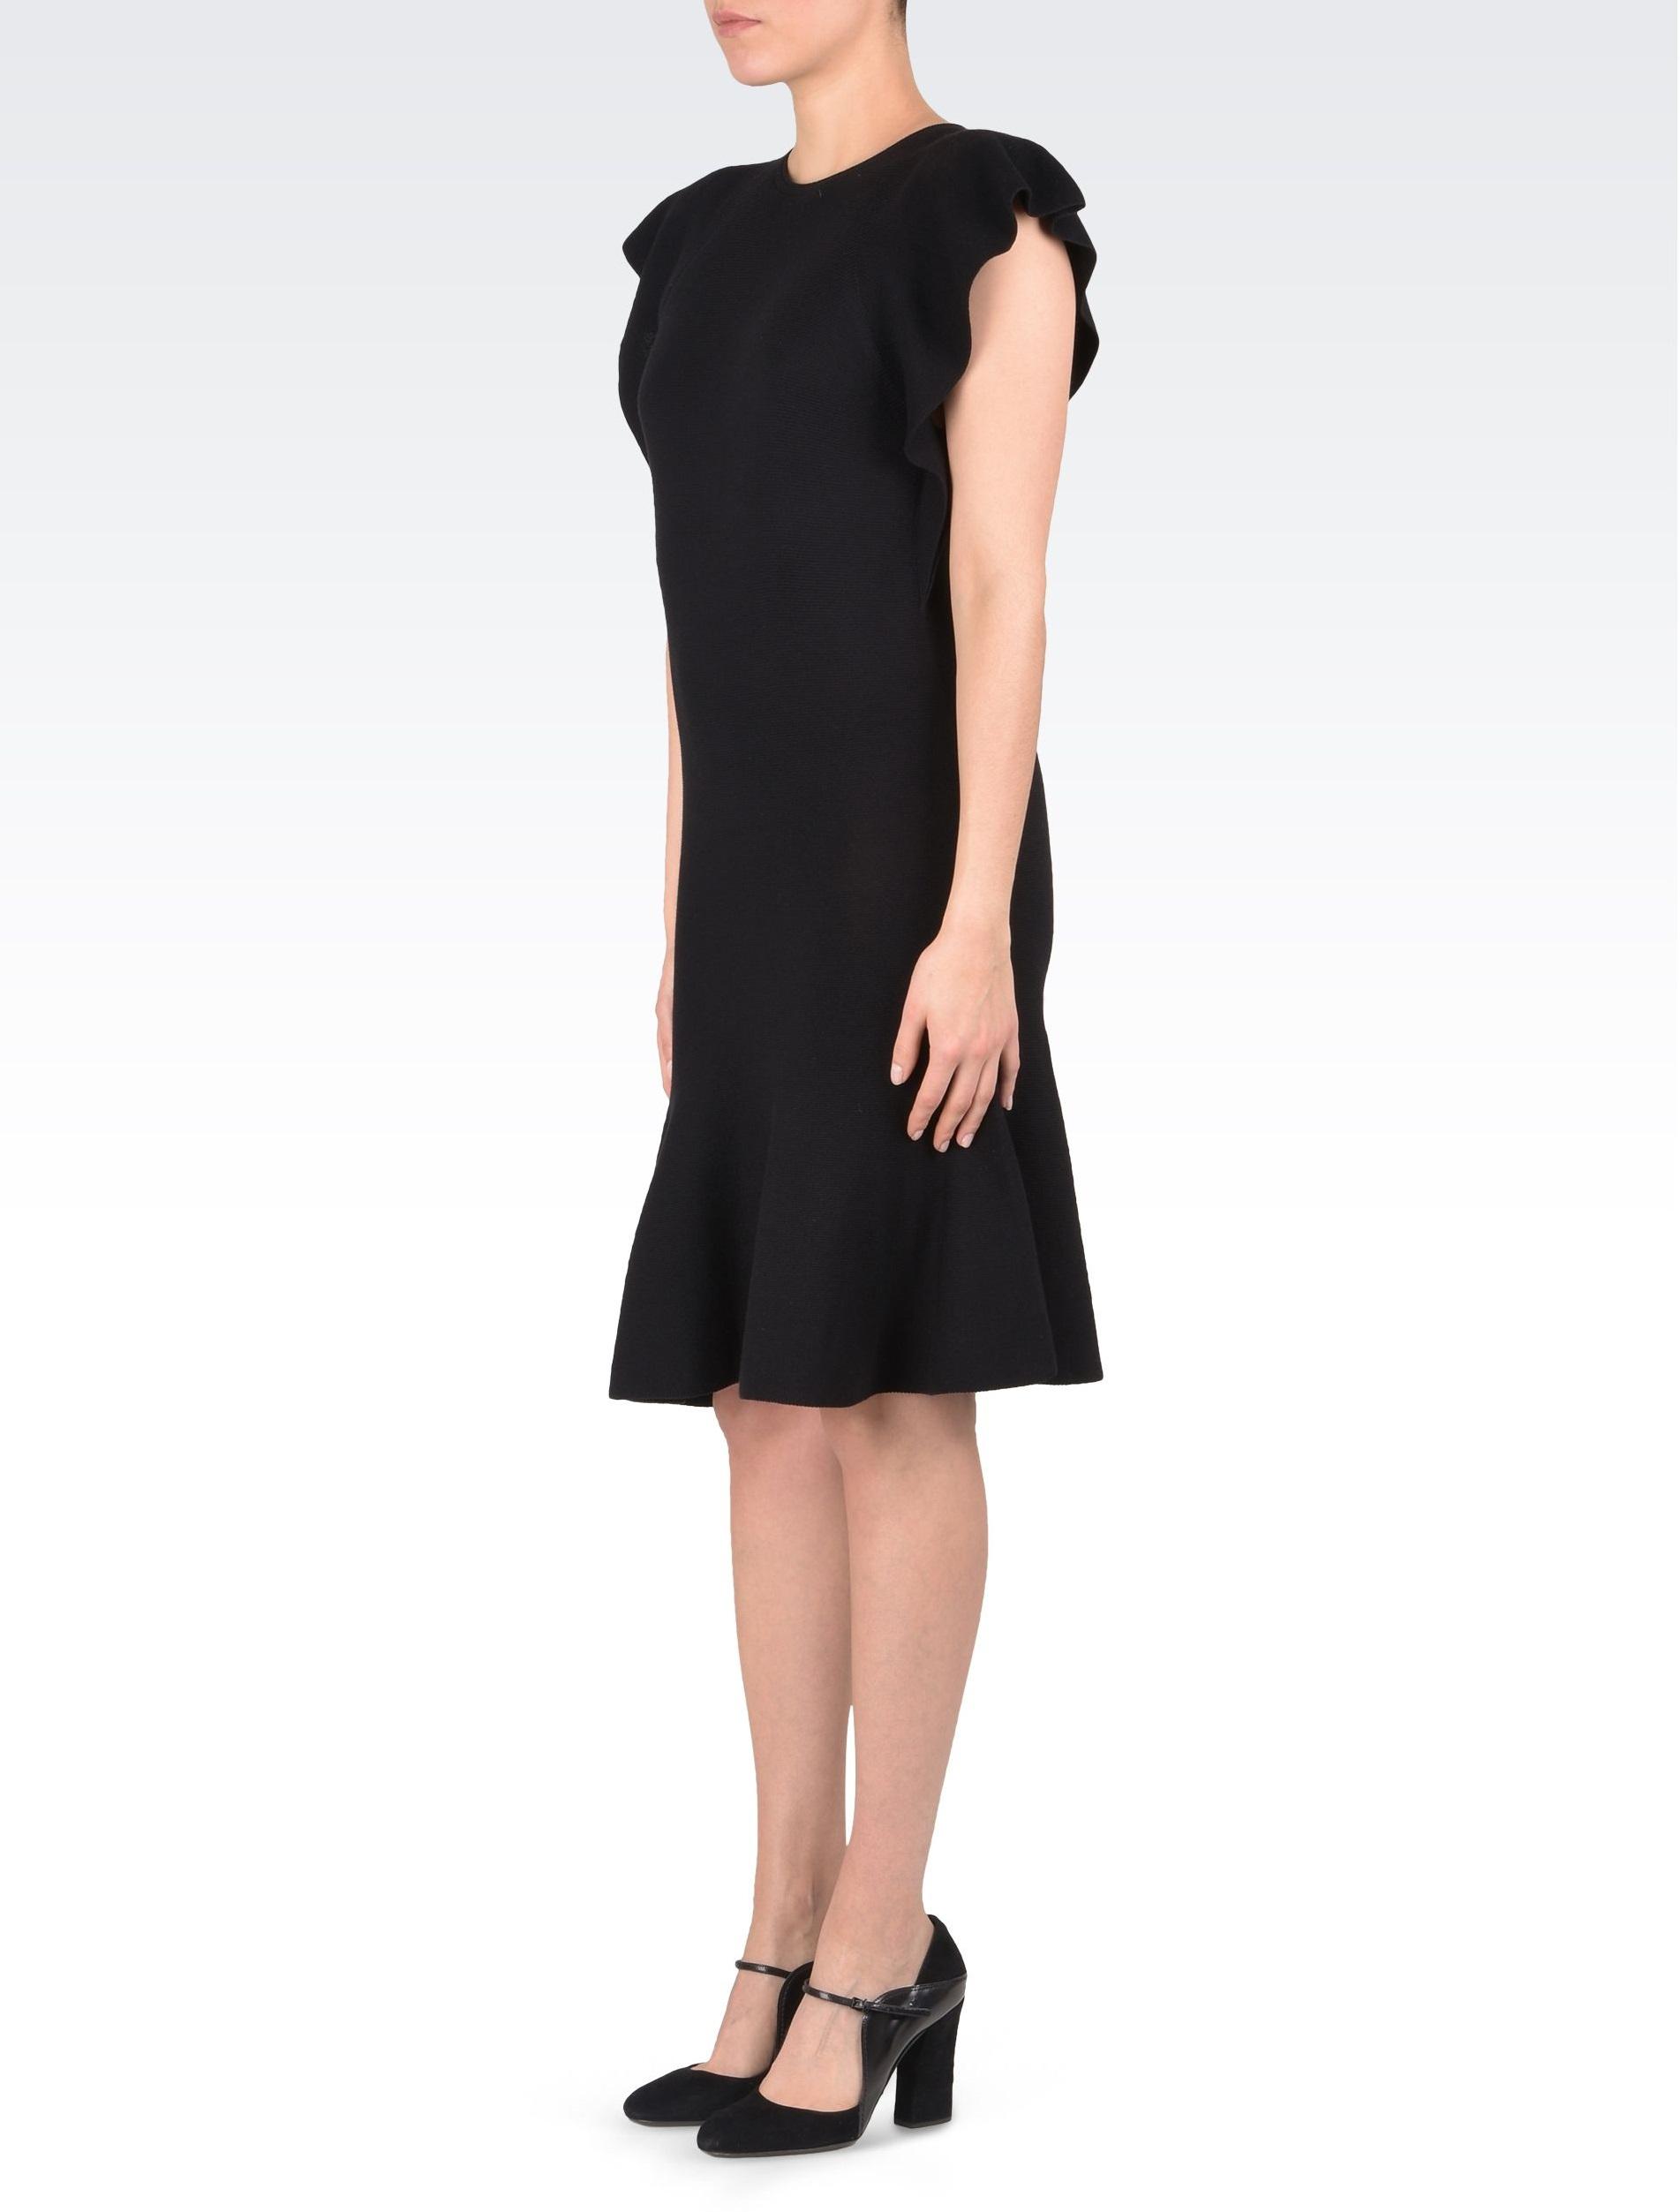 Vestito Armani nero corto